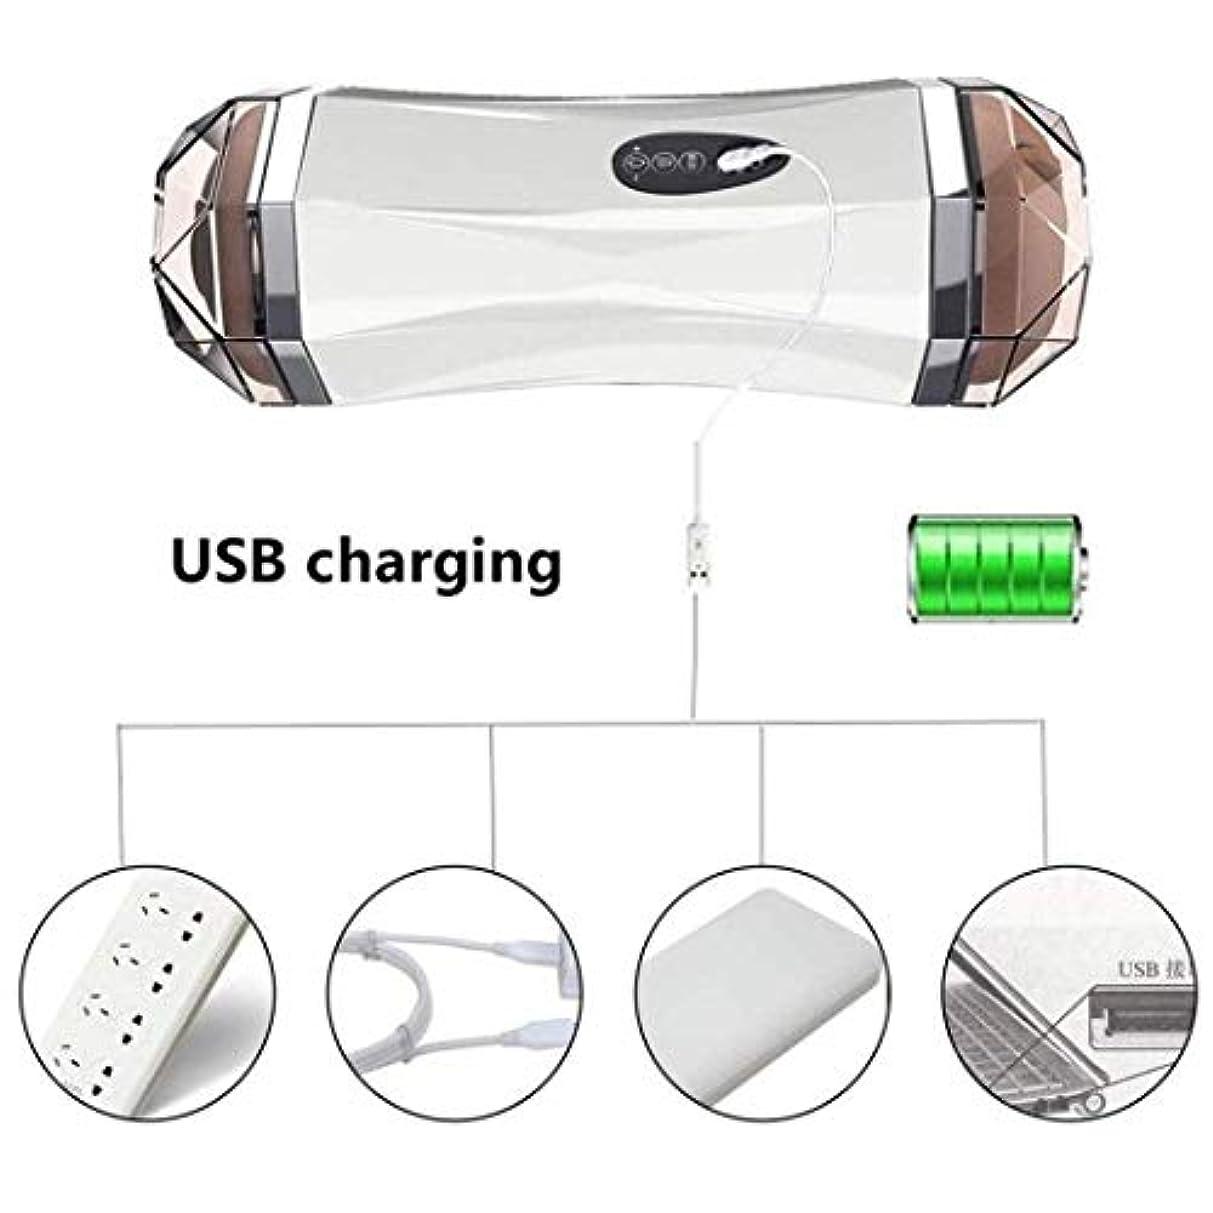 強化集中講義MCAZMSG USB Rechargable Handheld Body Massager for Pain Relief and Muscle Relaxation、Promo、Blood Circulation Massager